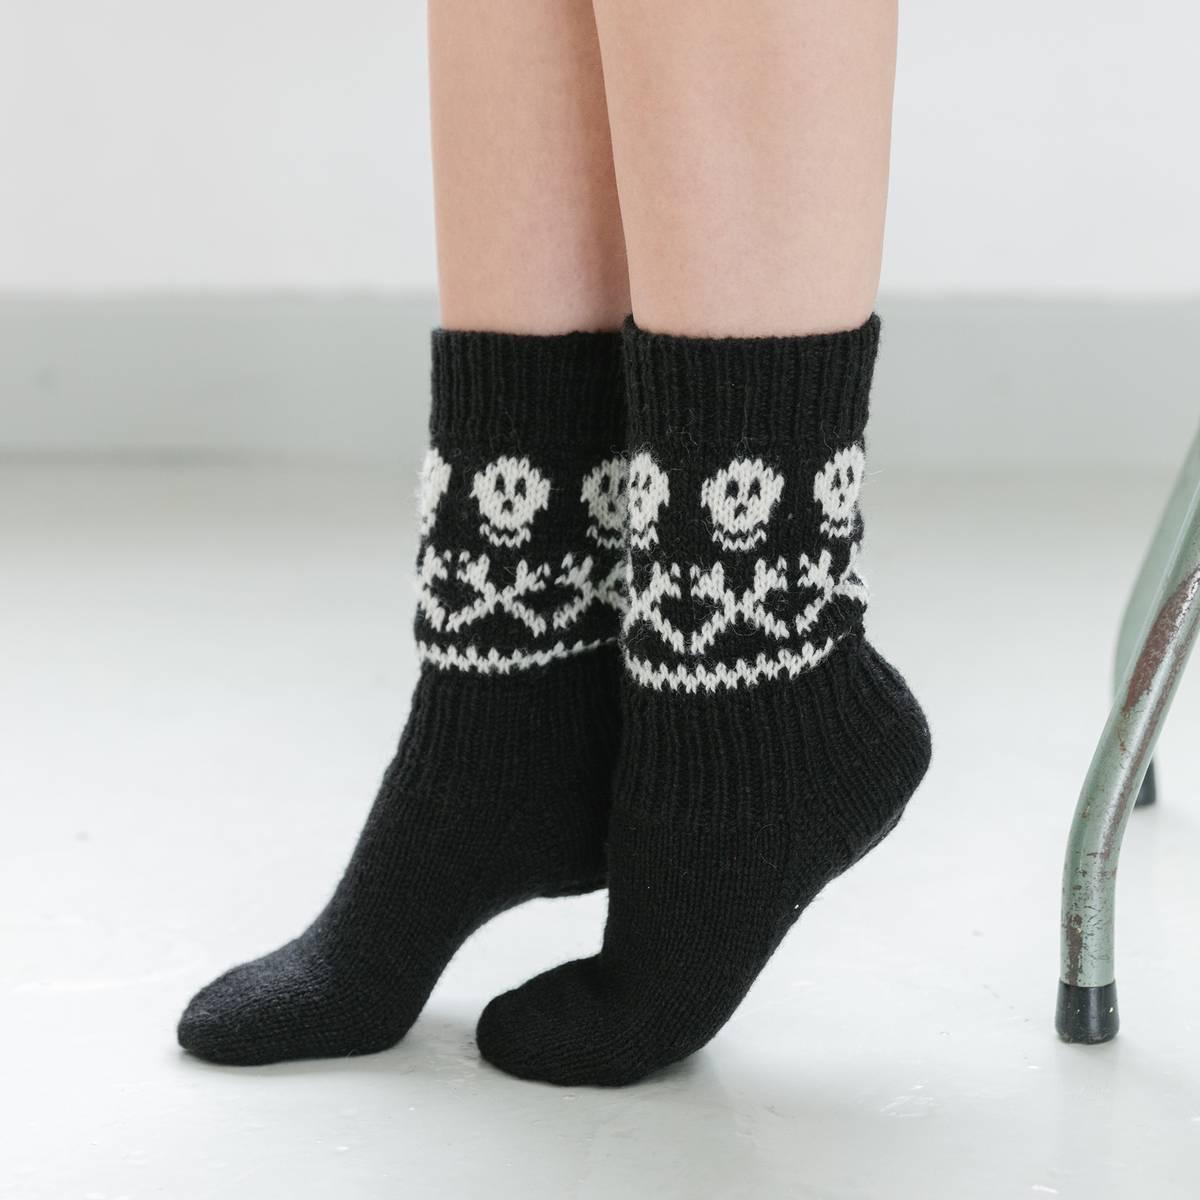 Pirat sokker (Fjord) – oppskrift